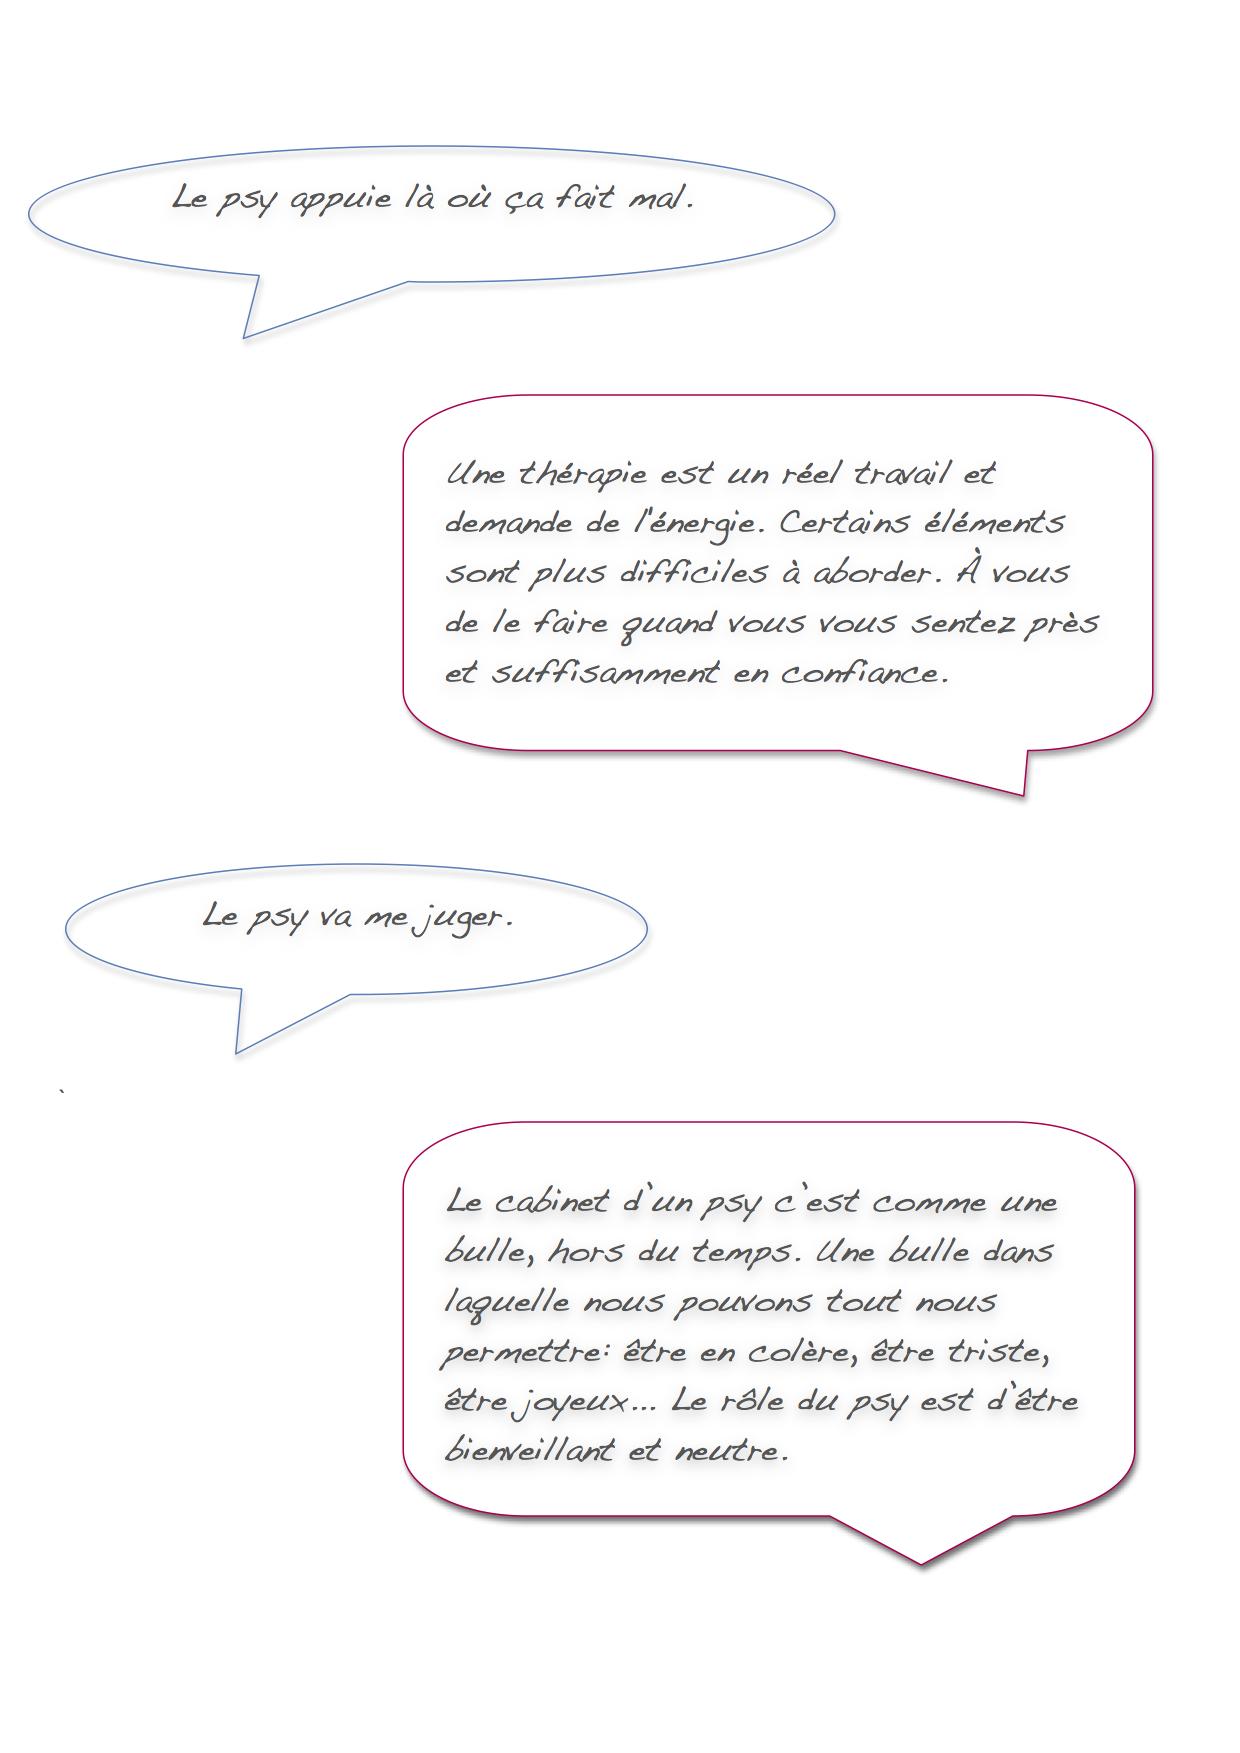 Questions sur les psy2